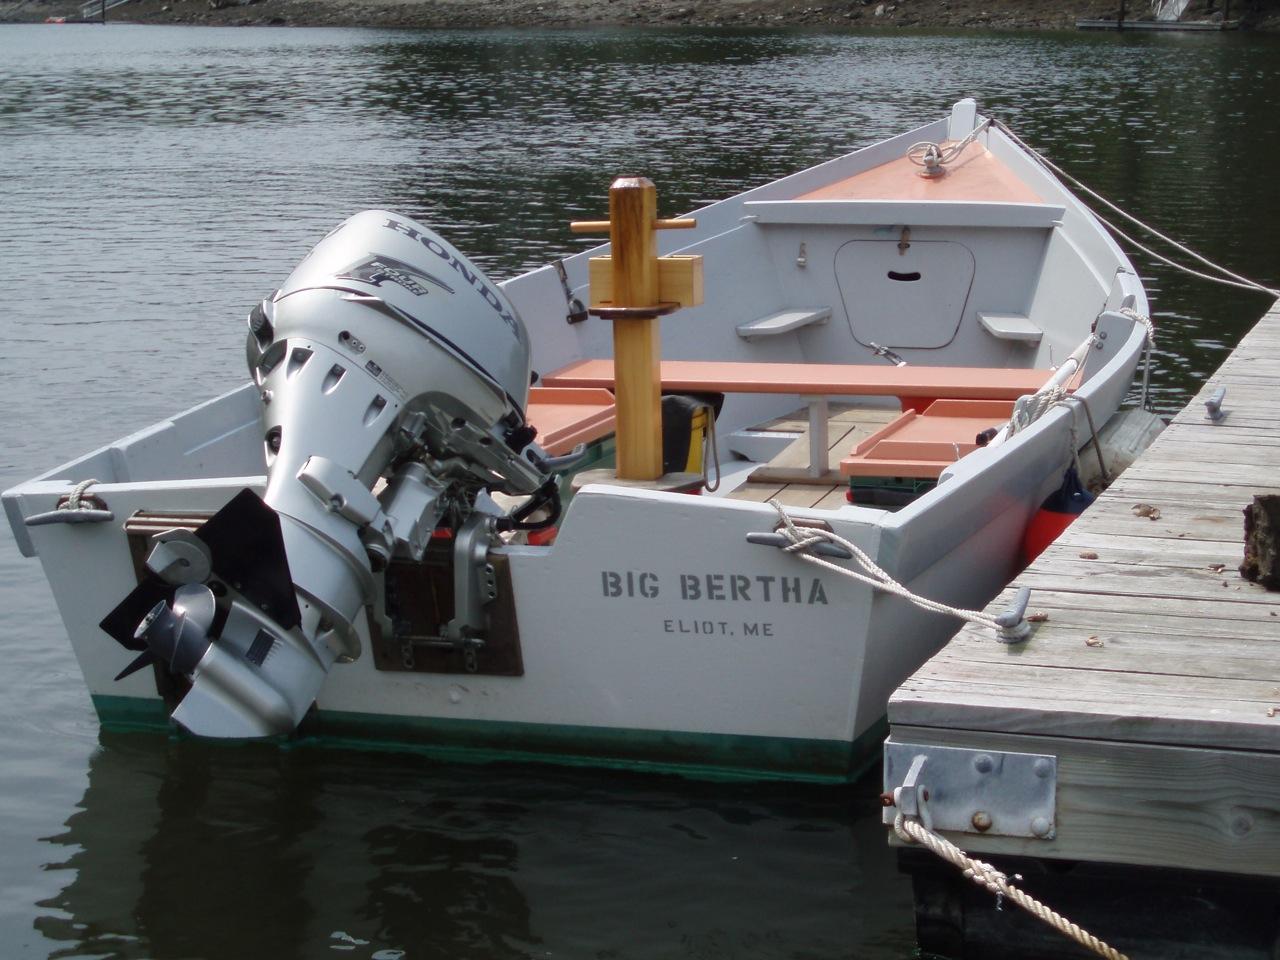 Boat2694